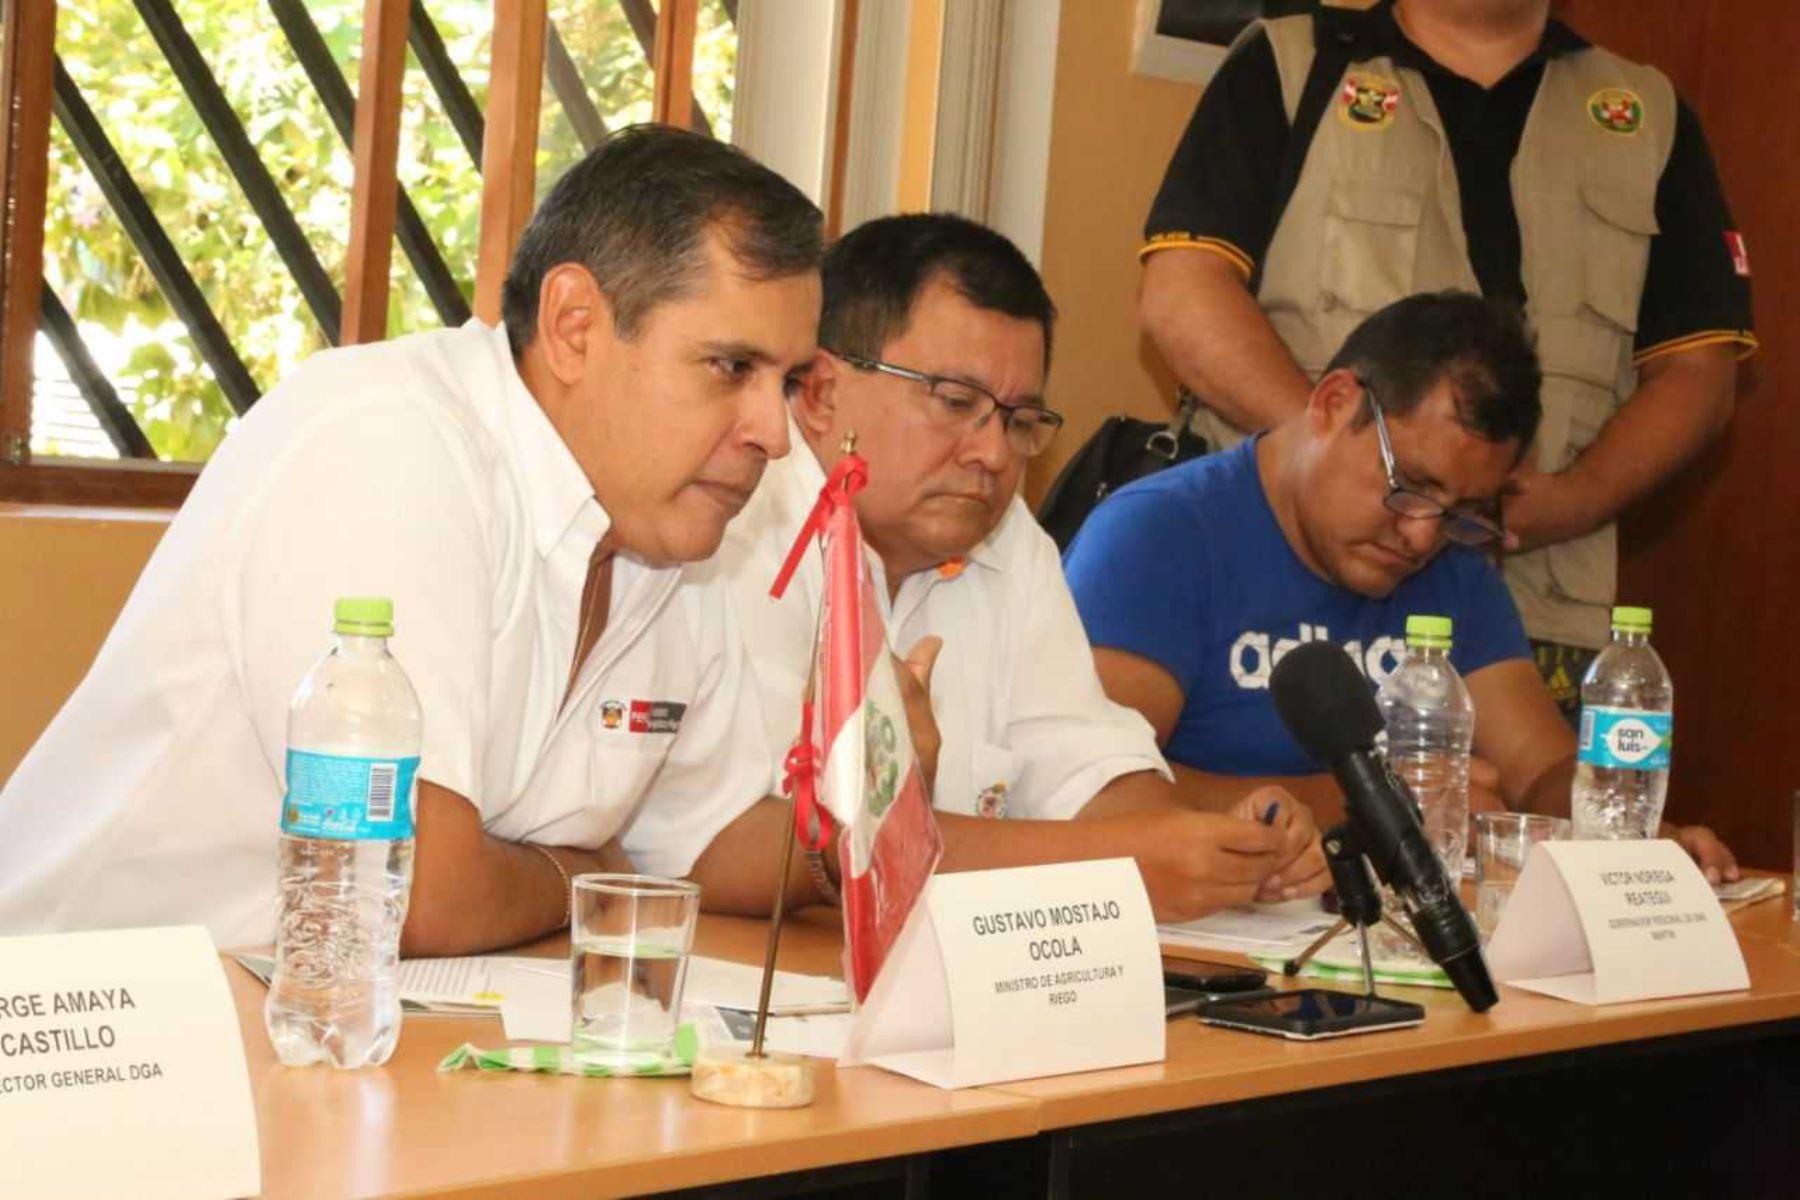 El ministro de Agricultura y Riego, Gustavo Mostajo Ocola, anunció la creación del Instituto Nacional de Semillas para asegurar el suministro de insumos de calidad para la producción agrícola en el país.